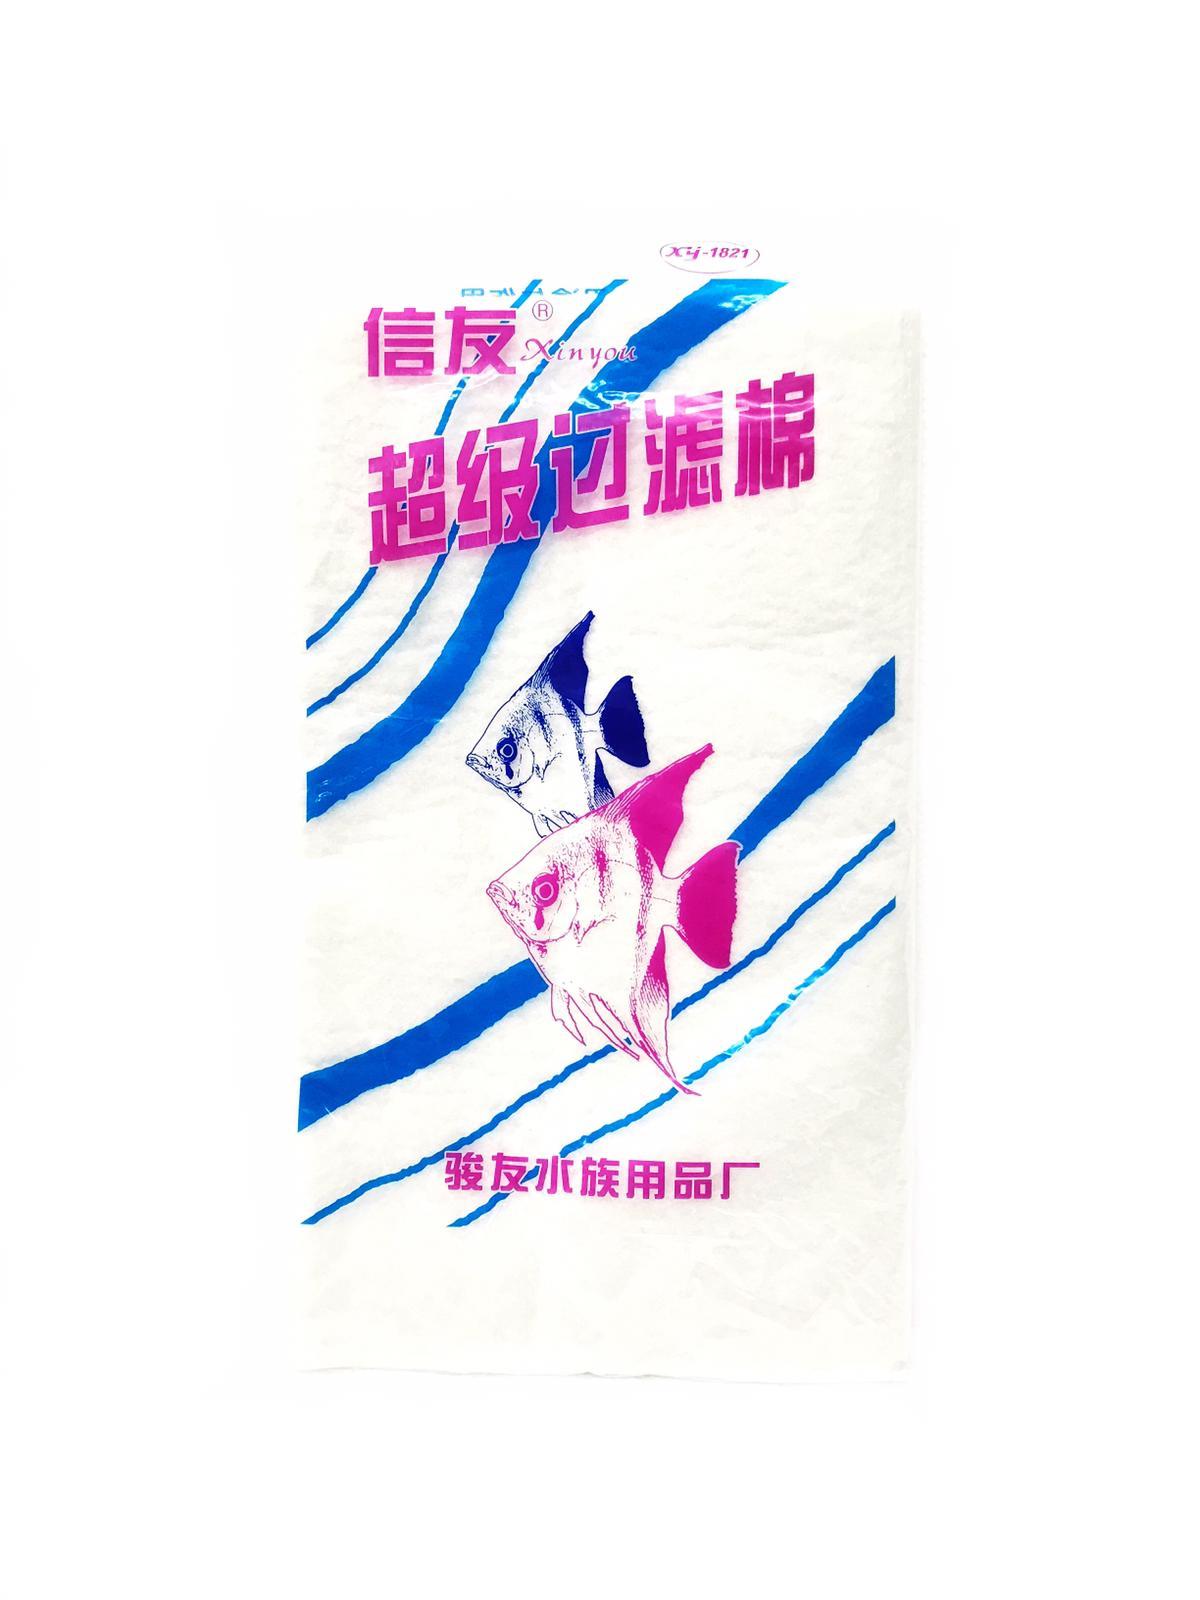 Xin You Chao Ji Guo Lv Mian XY-1821